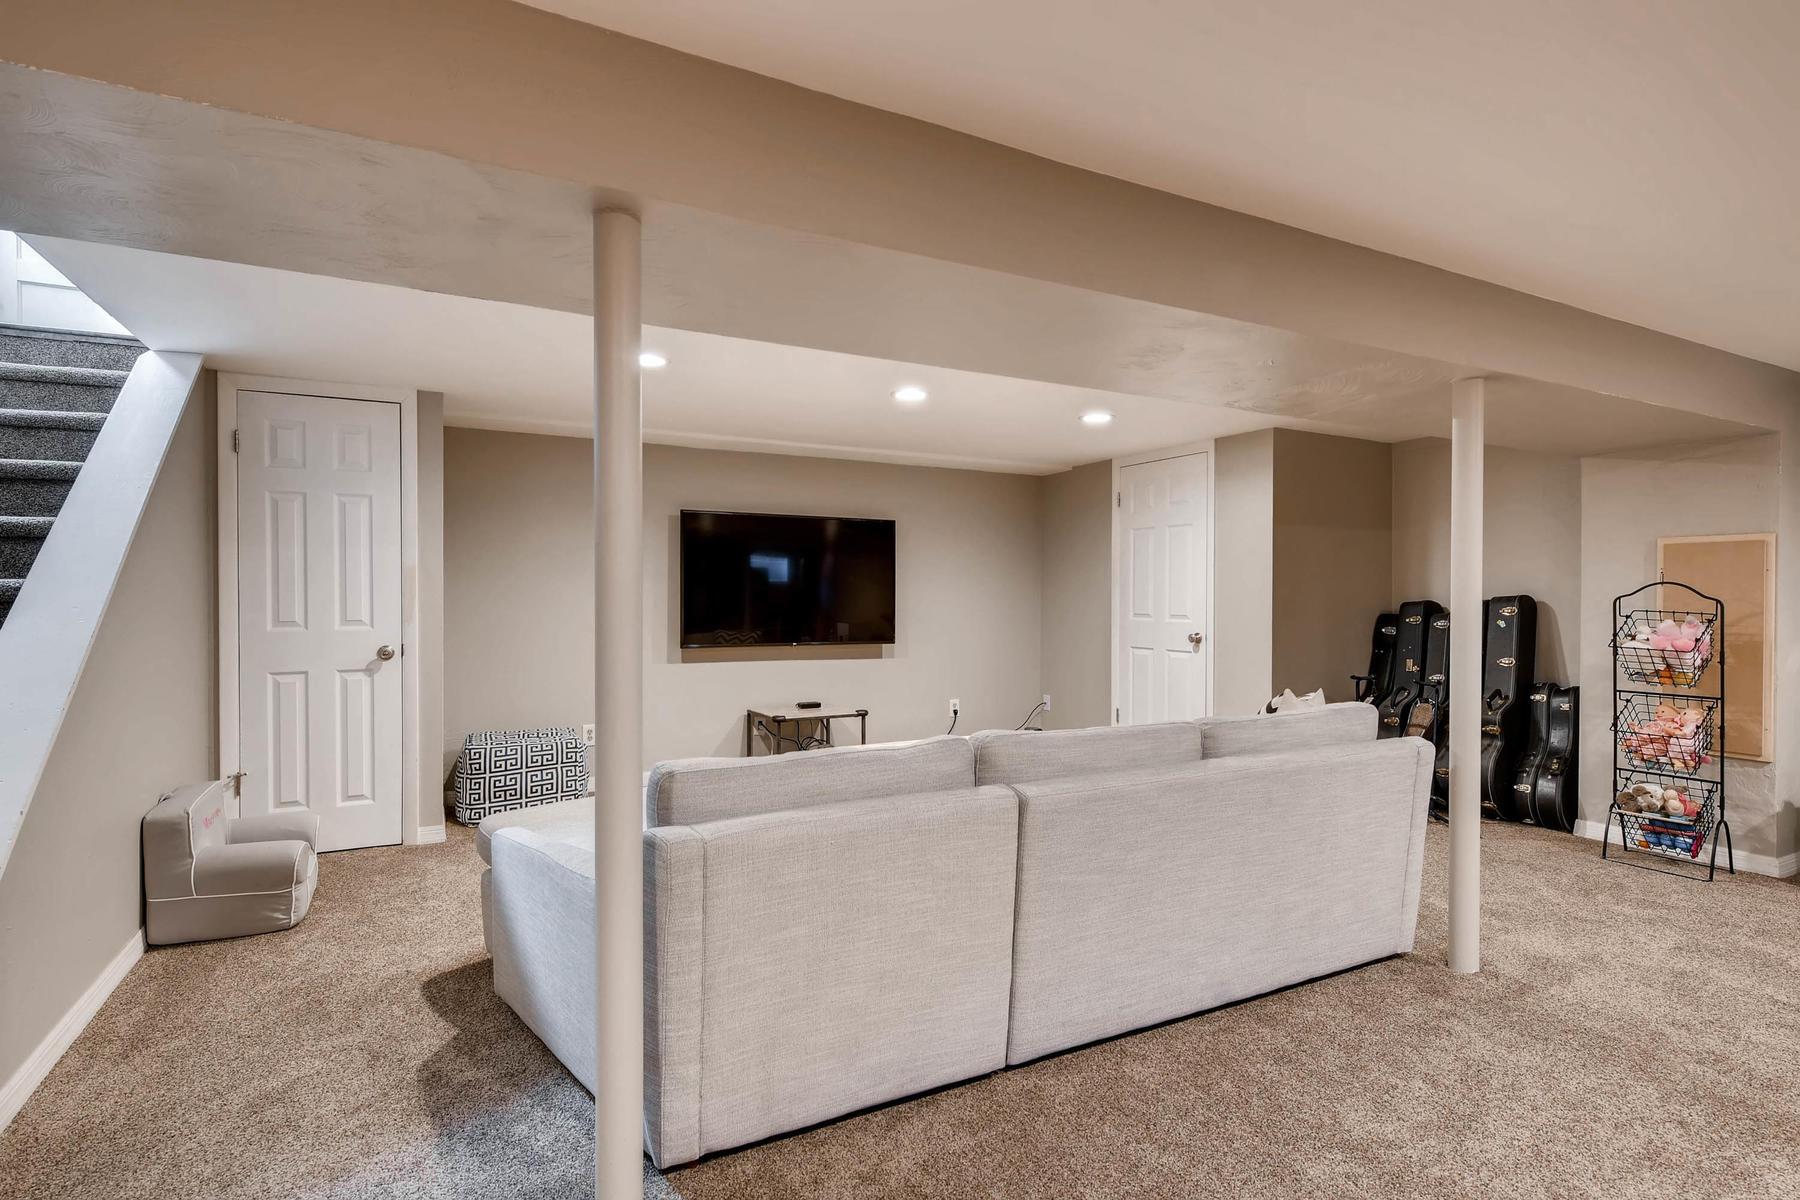 6676 S Kit Carson St-MLS_Size-021-24-Lower Level Family Room-1800x1200-72dpi.jpg